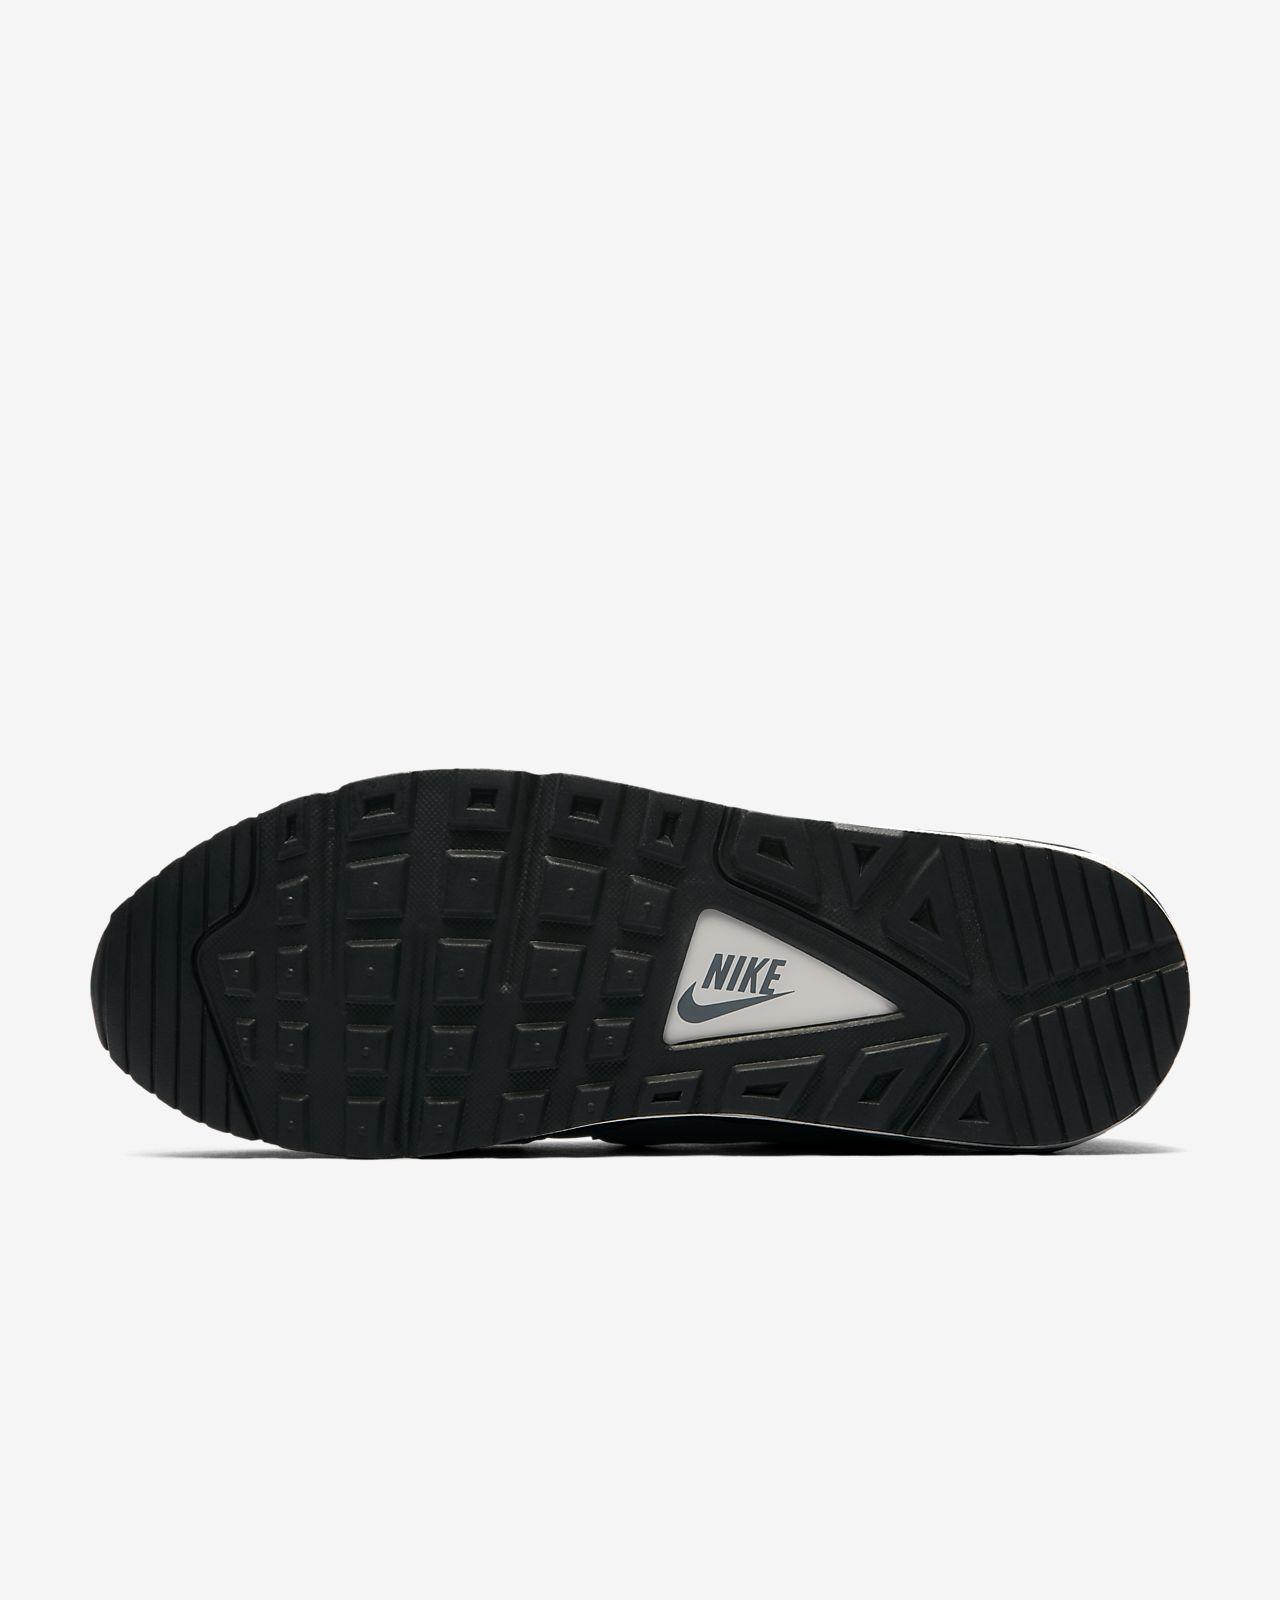 Buscar Rebajas Nike Air Max Command Mujer Zapatillas Oficial